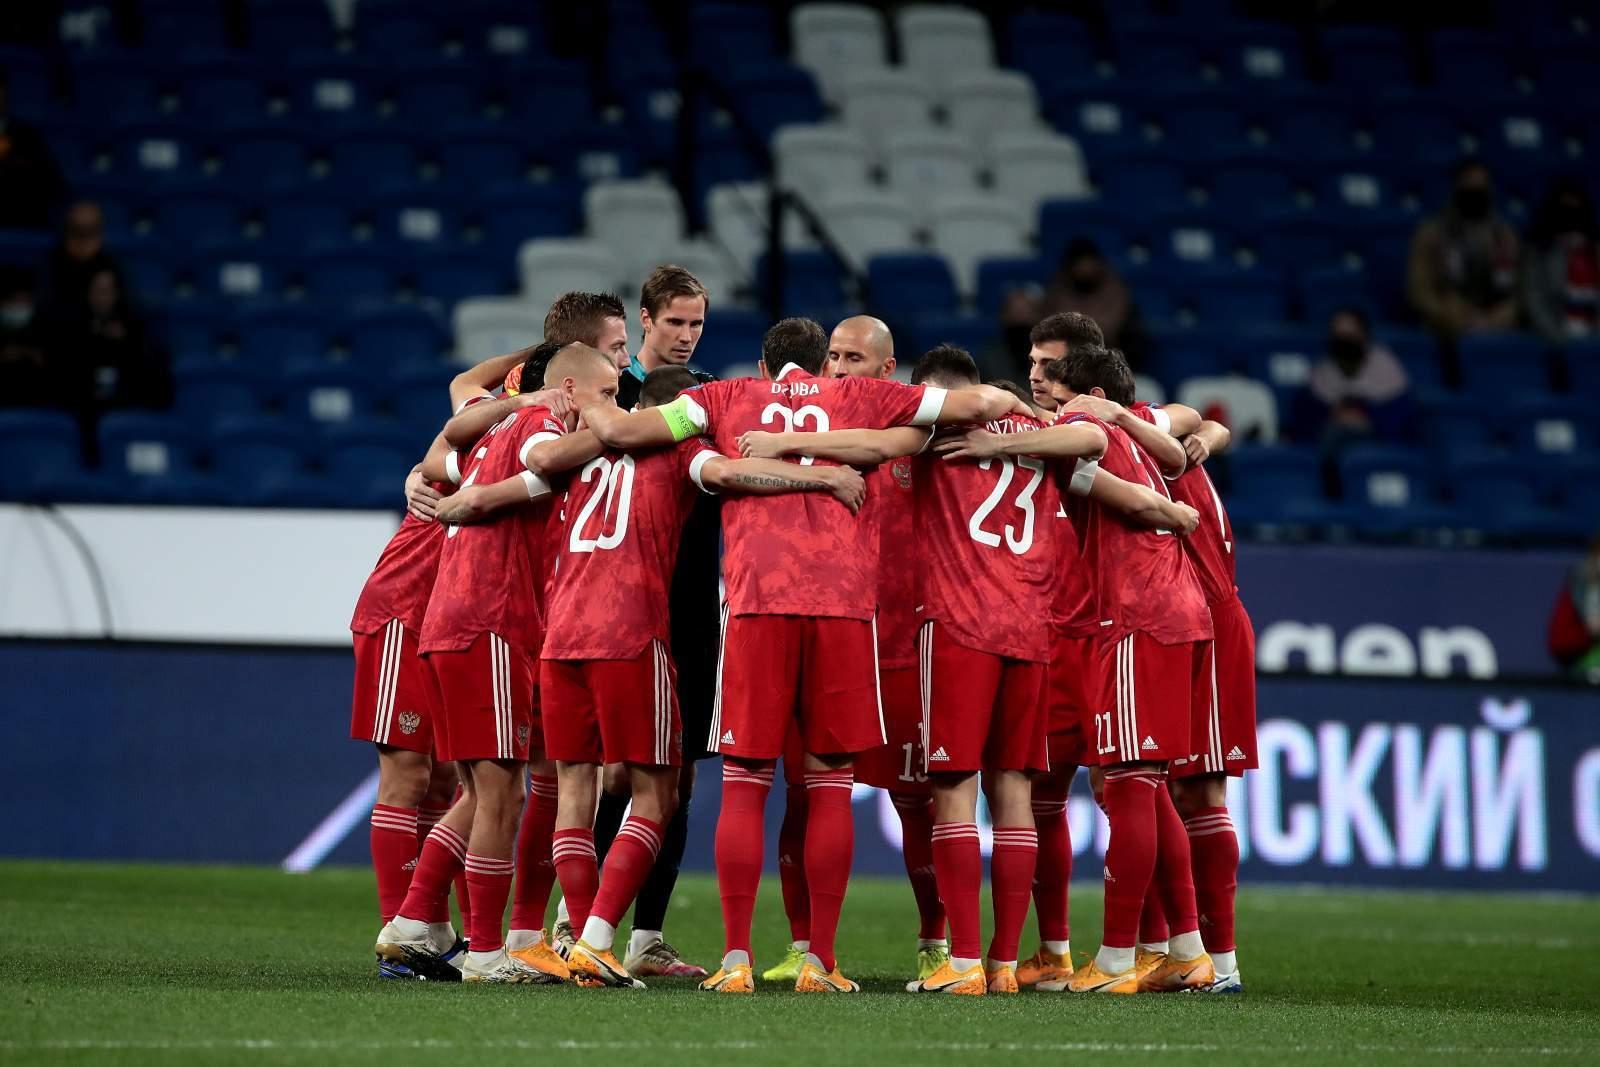 Никто из игроков сборной России не потеряет право выступать за национальную команду